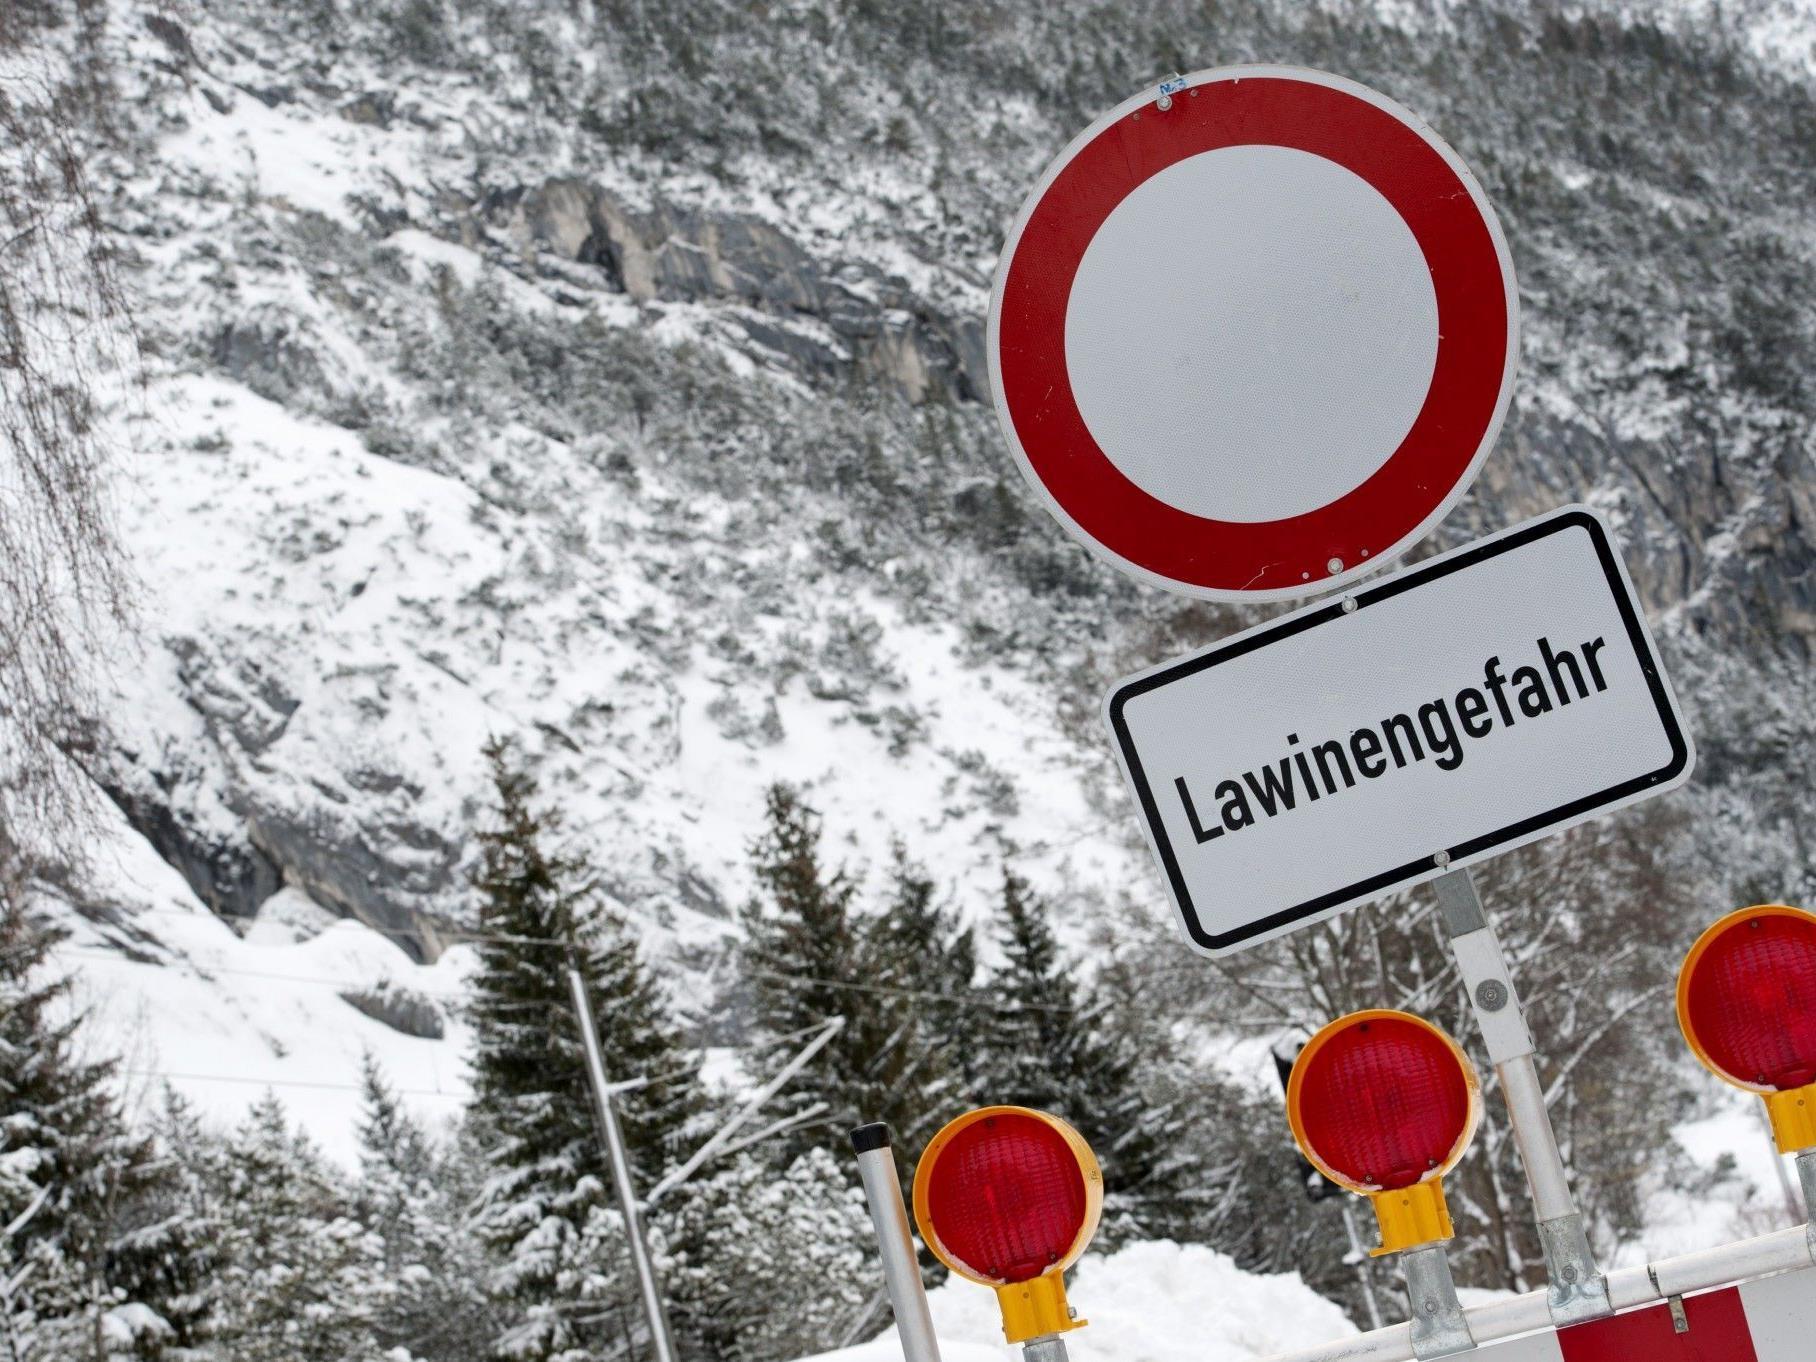 Wintersportlerin konnte rasch geborgen werden.